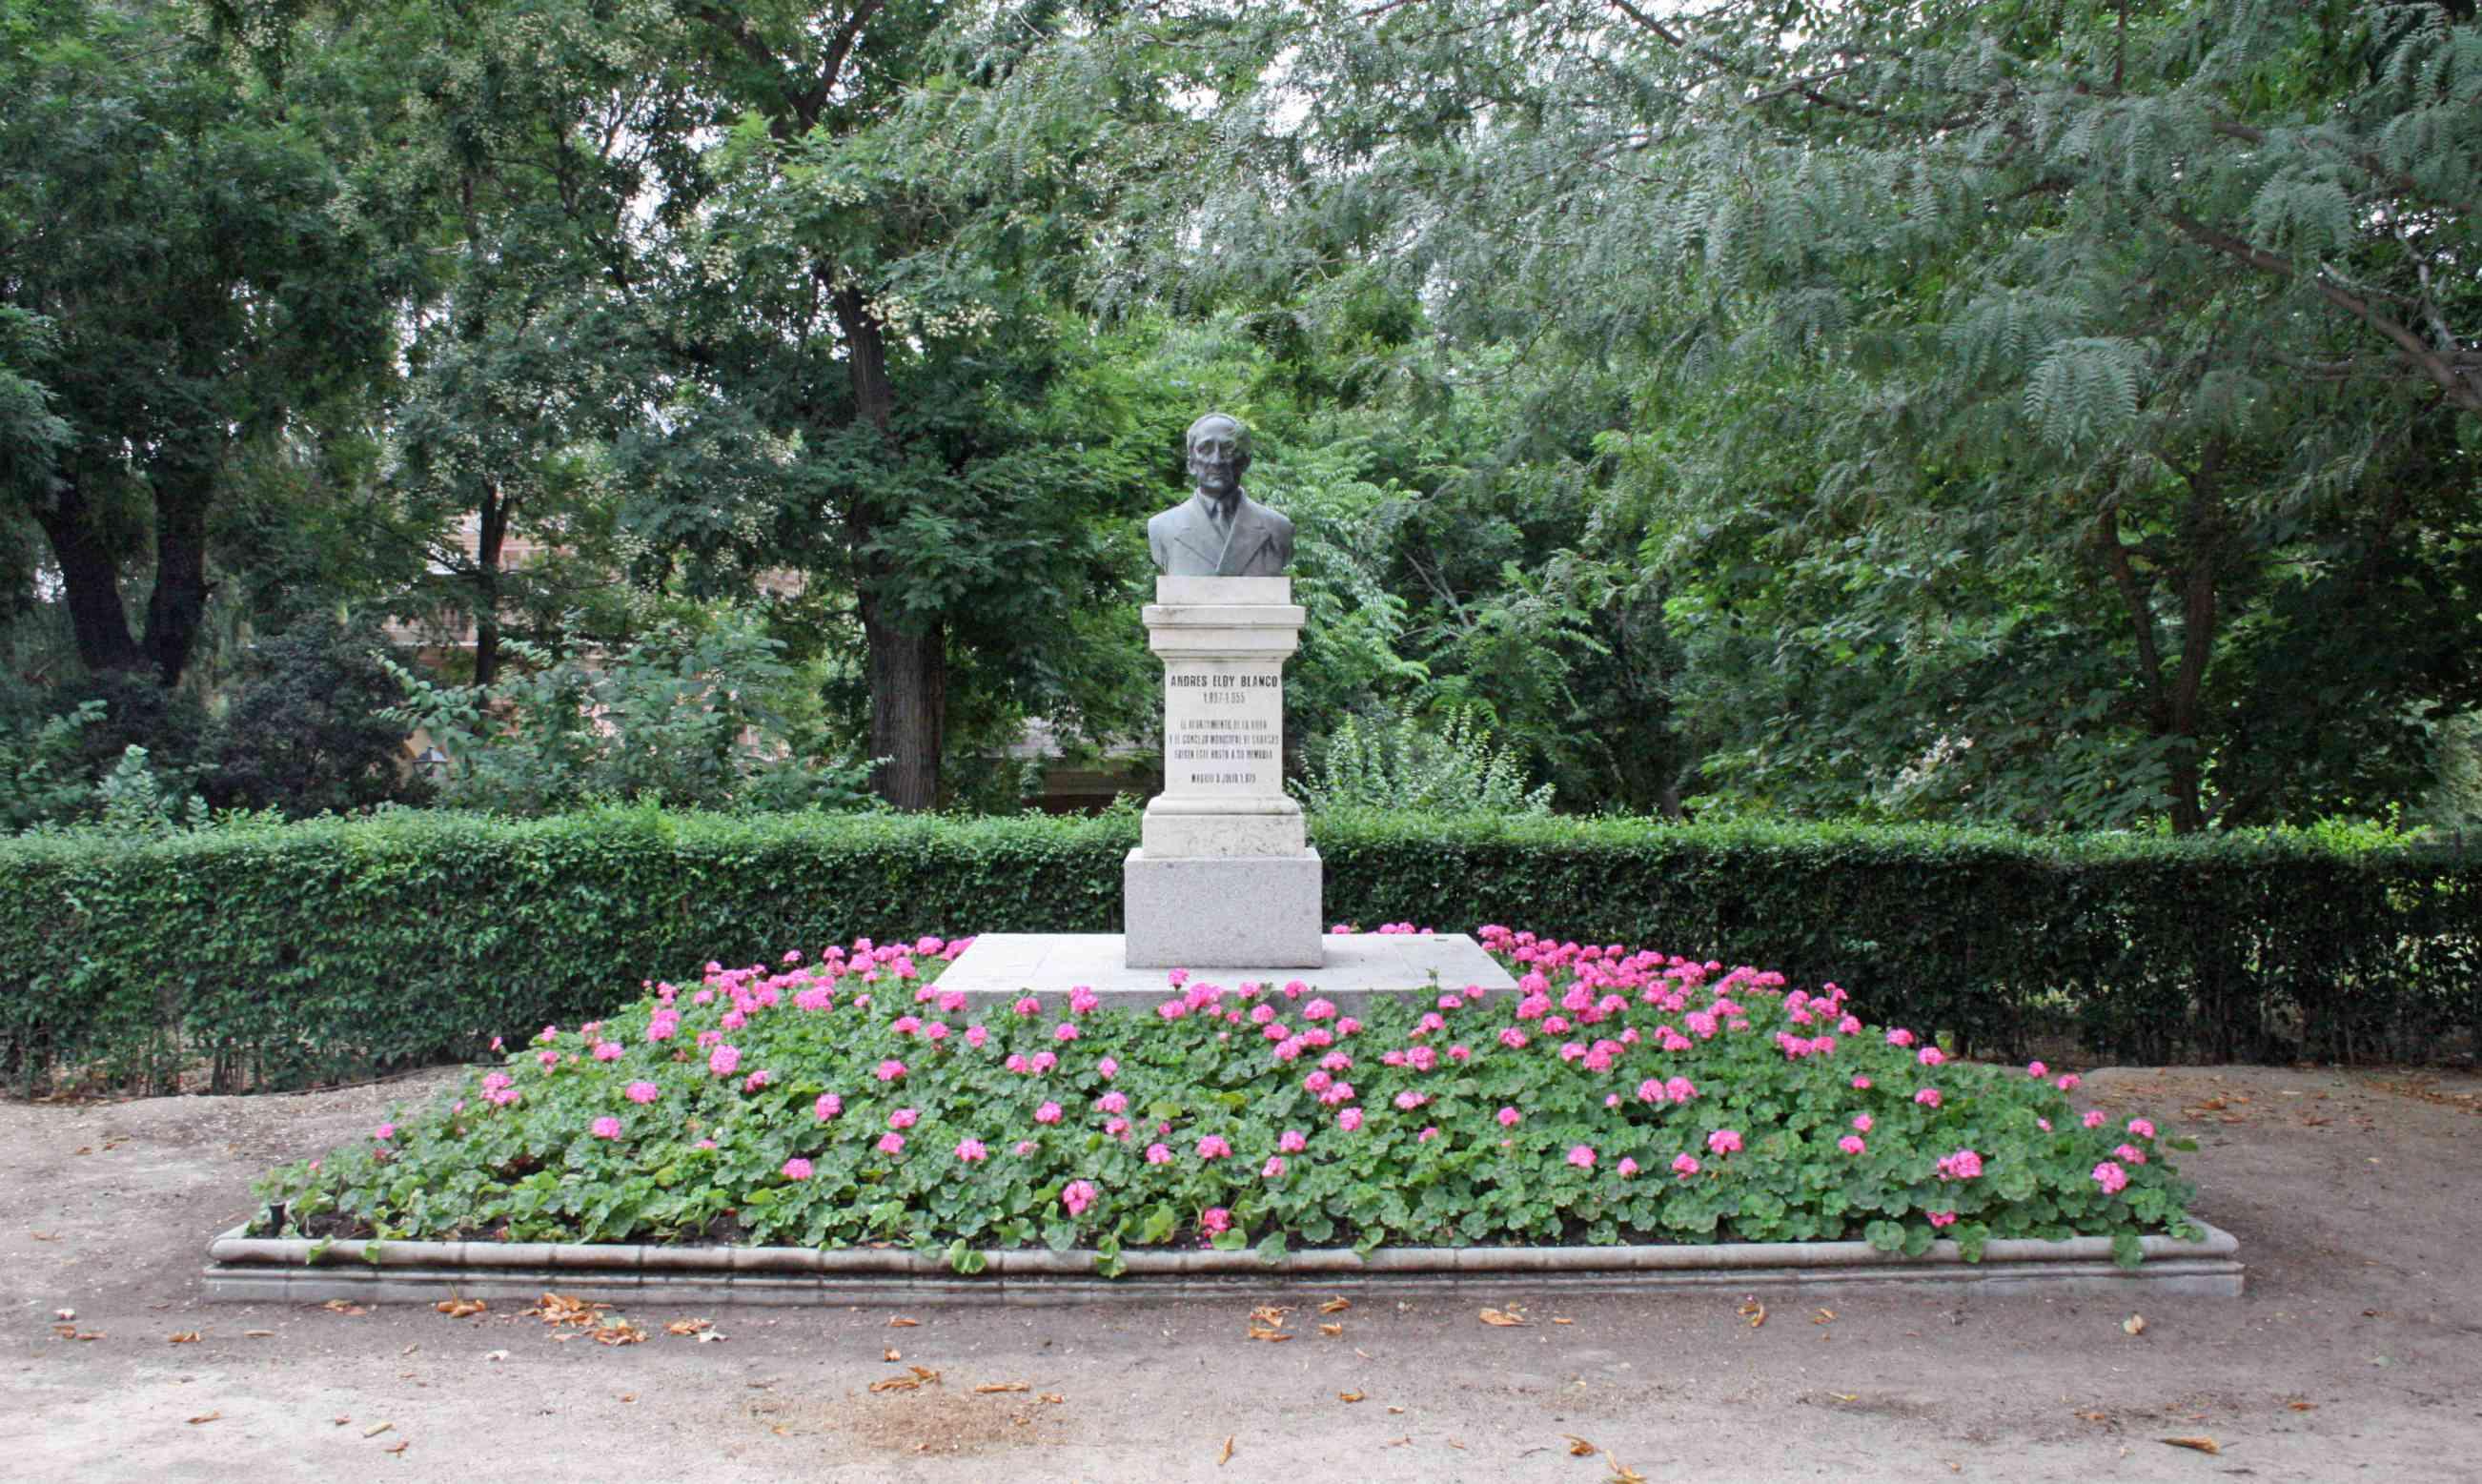 Monumento a Andrés Eloy Blanco en el Parque del Retiro, Madrid.